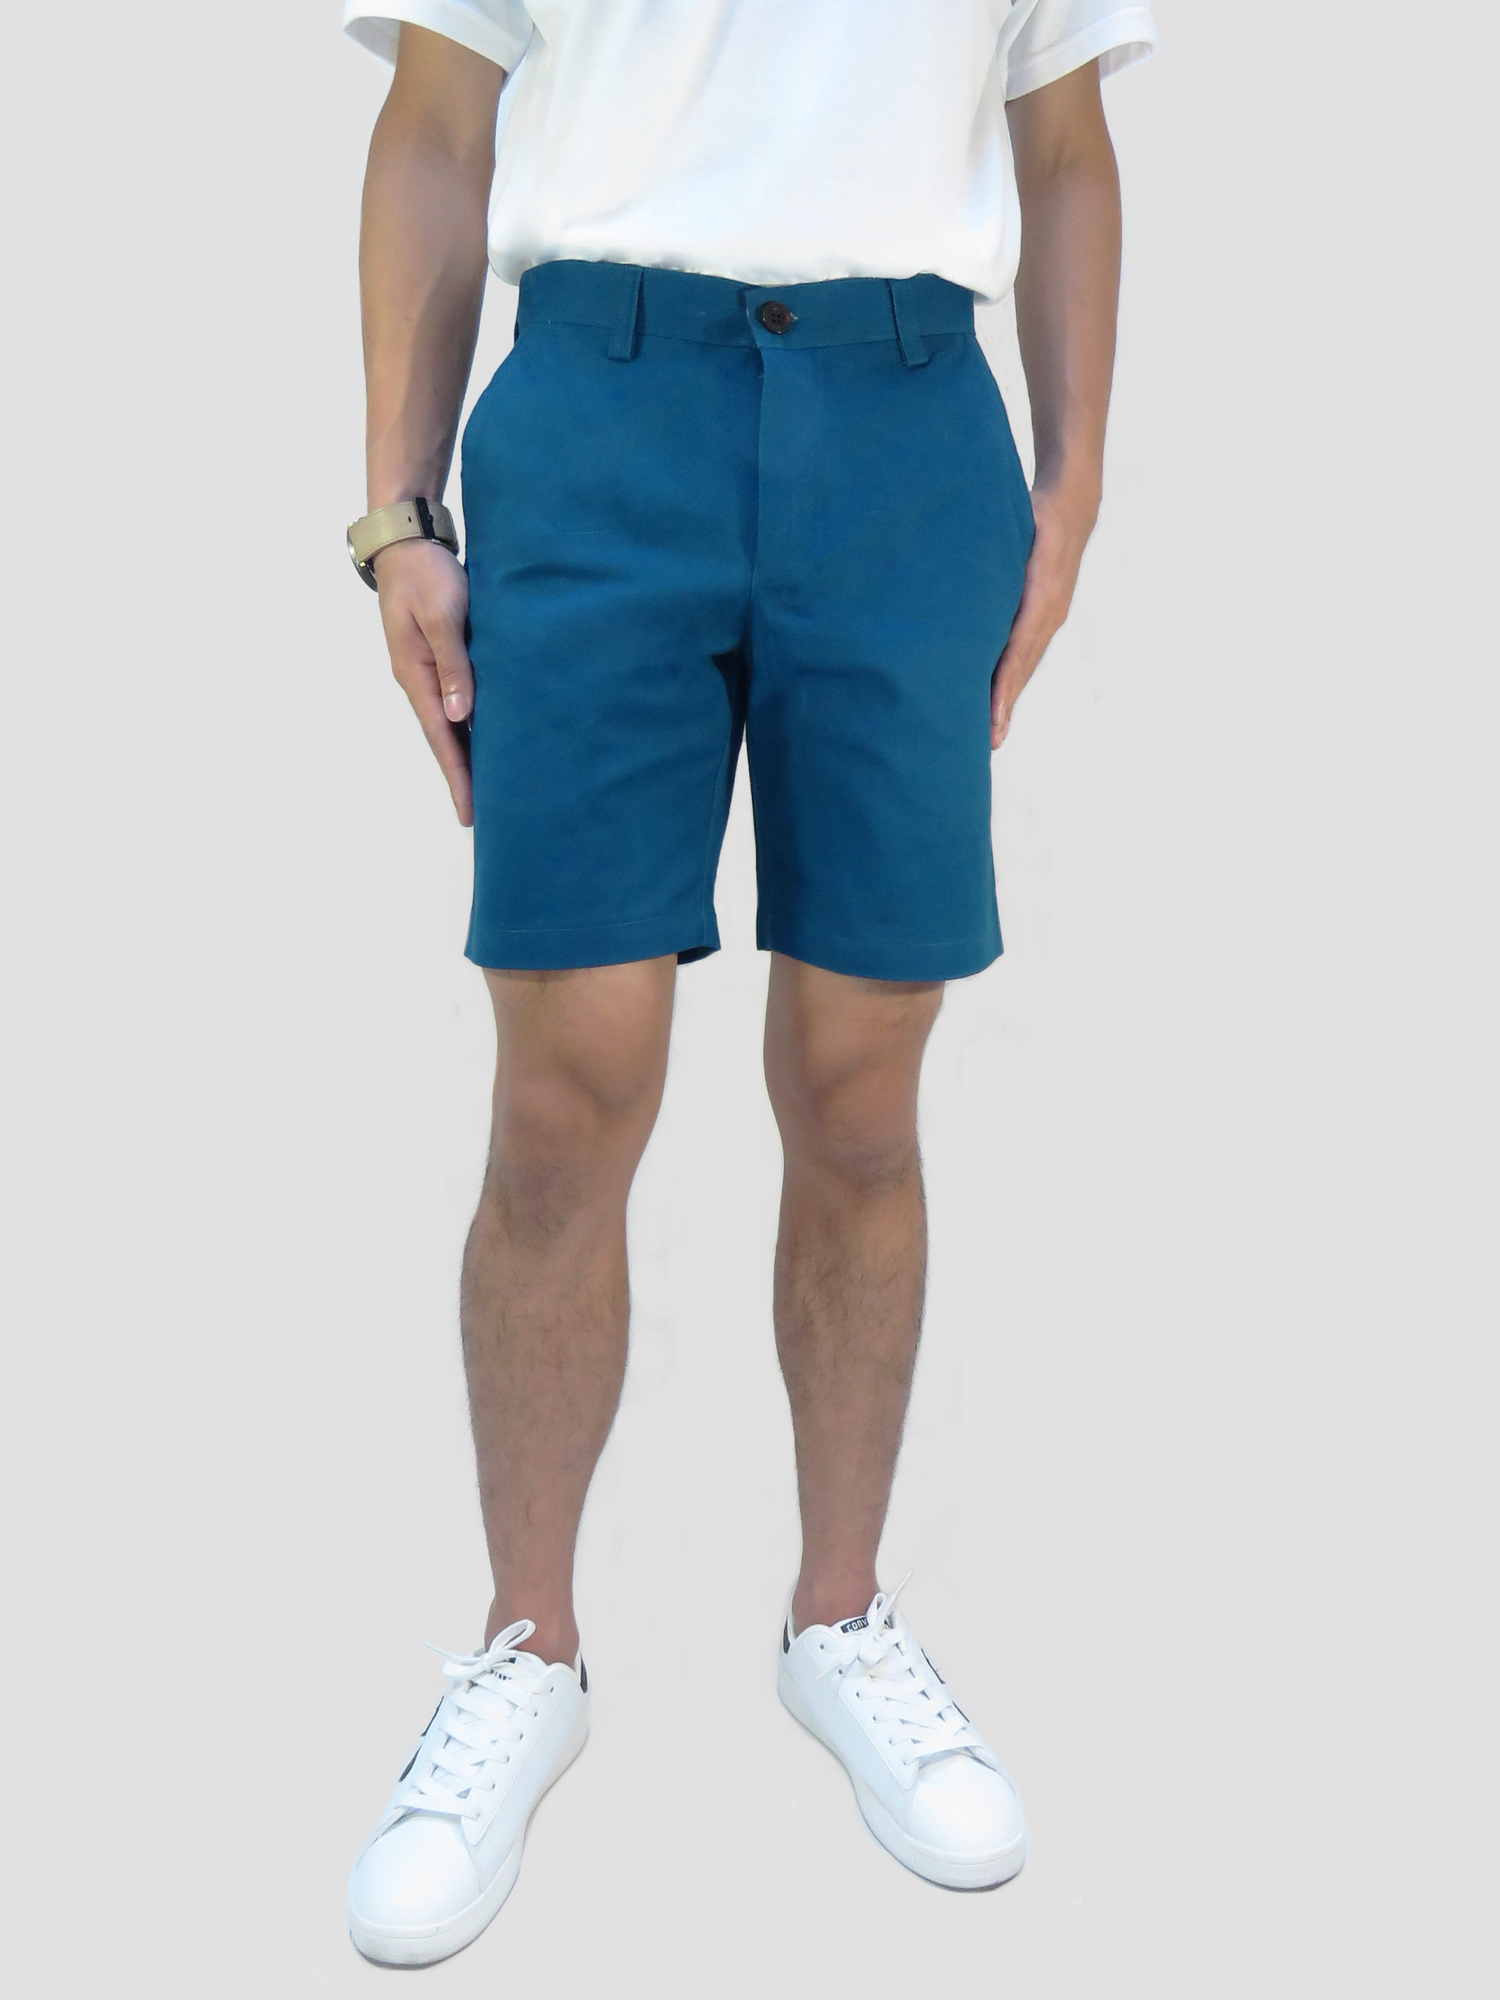 กางเกงขาสั้นชาย สีน้ำเงิน